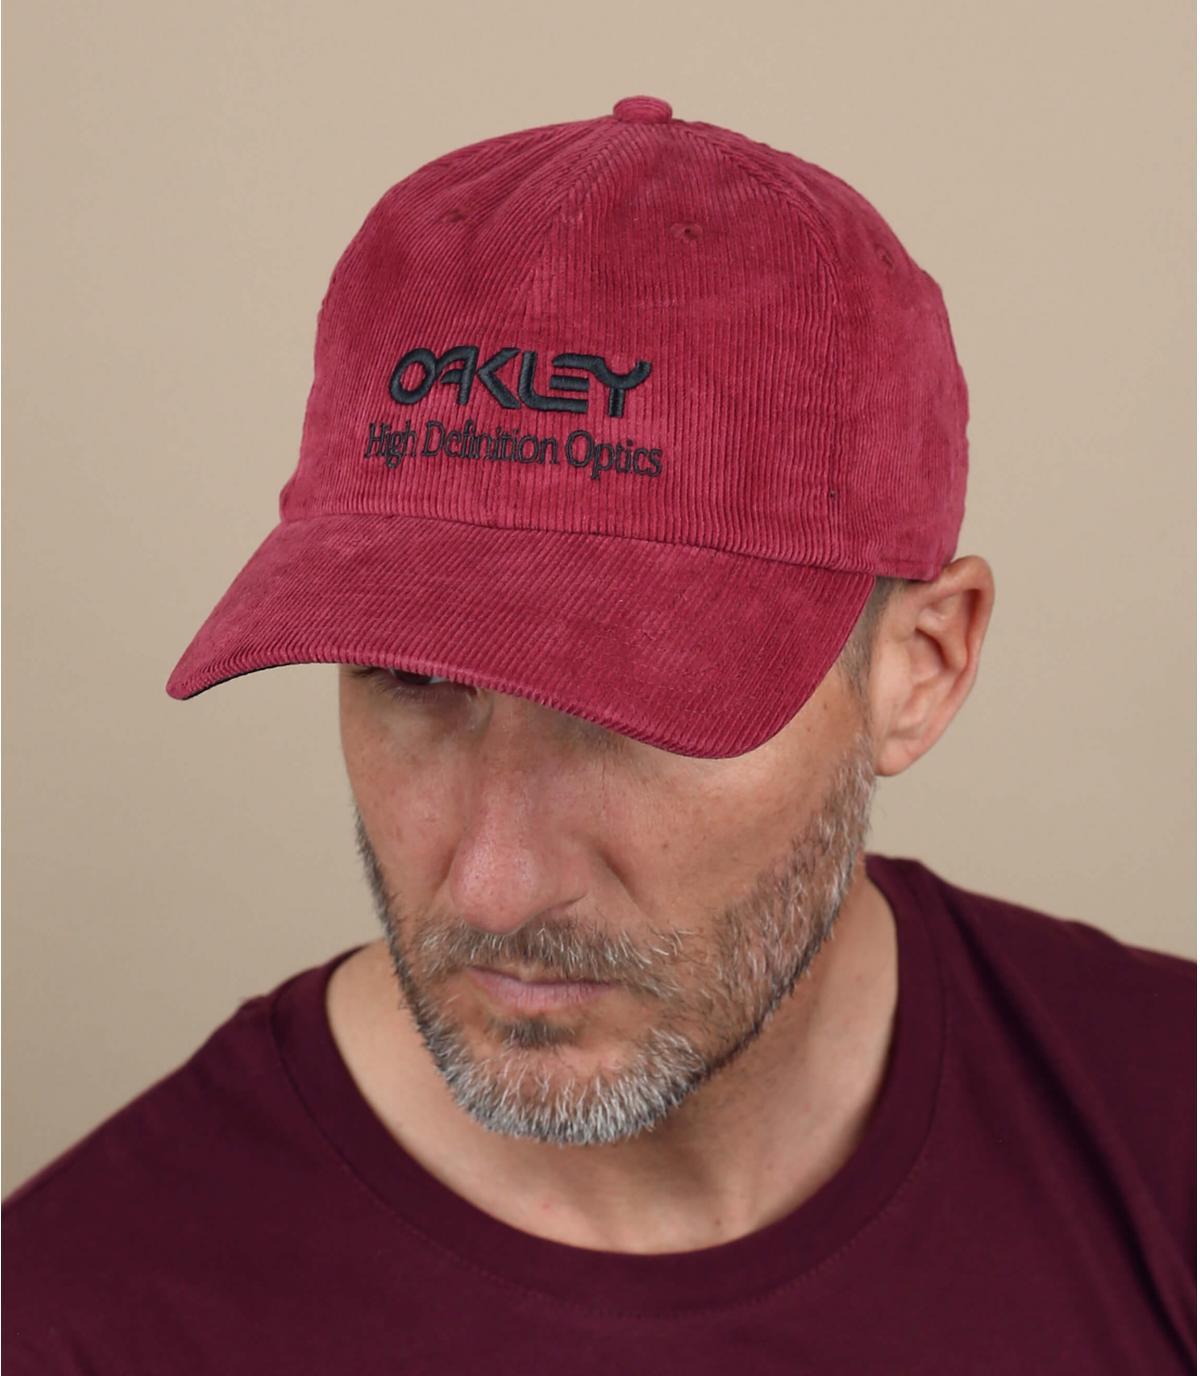 Cappellino Oakley in velluto rosso